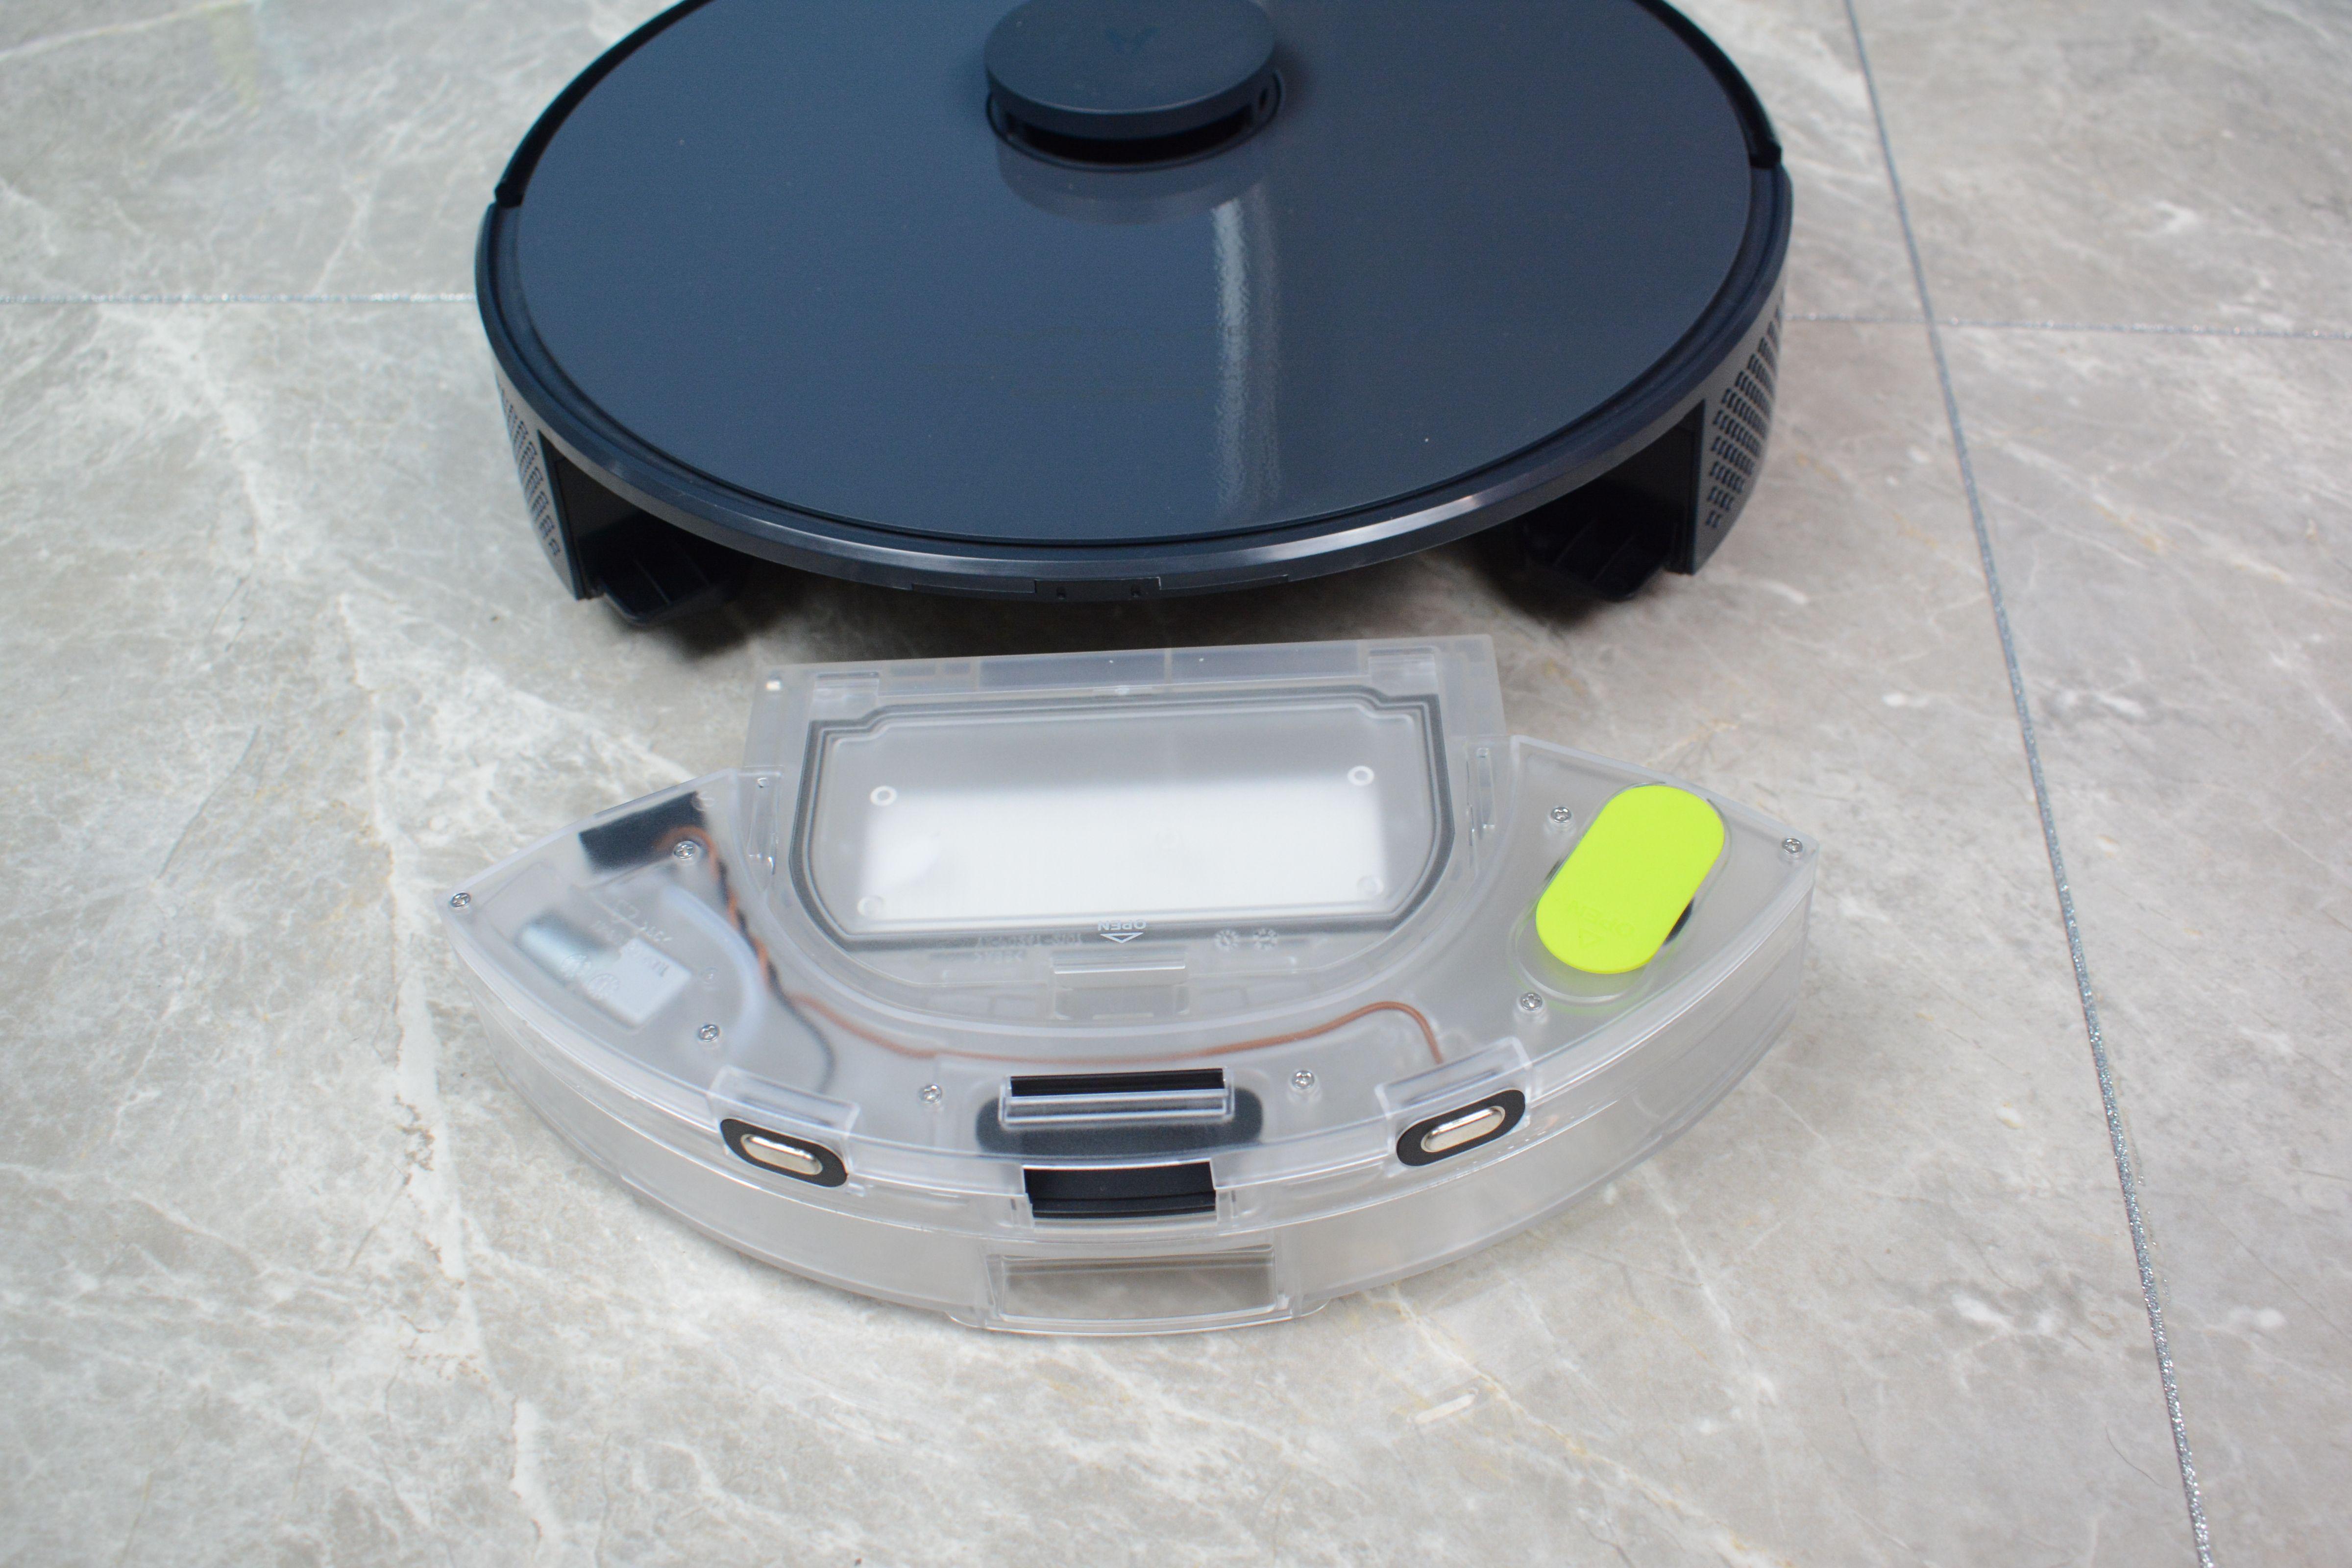 云米扫拖机器人 Alpha Lite,扫拖一体,自动集尘,省心省力